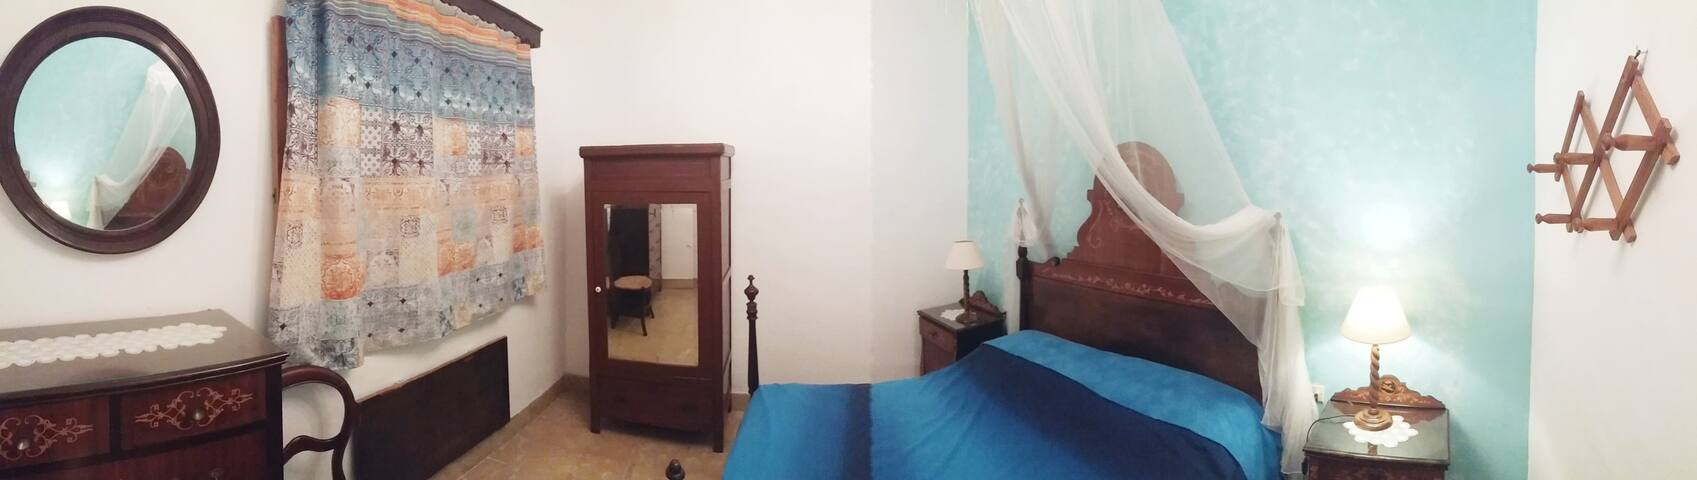 Habitación pequeña con encanto